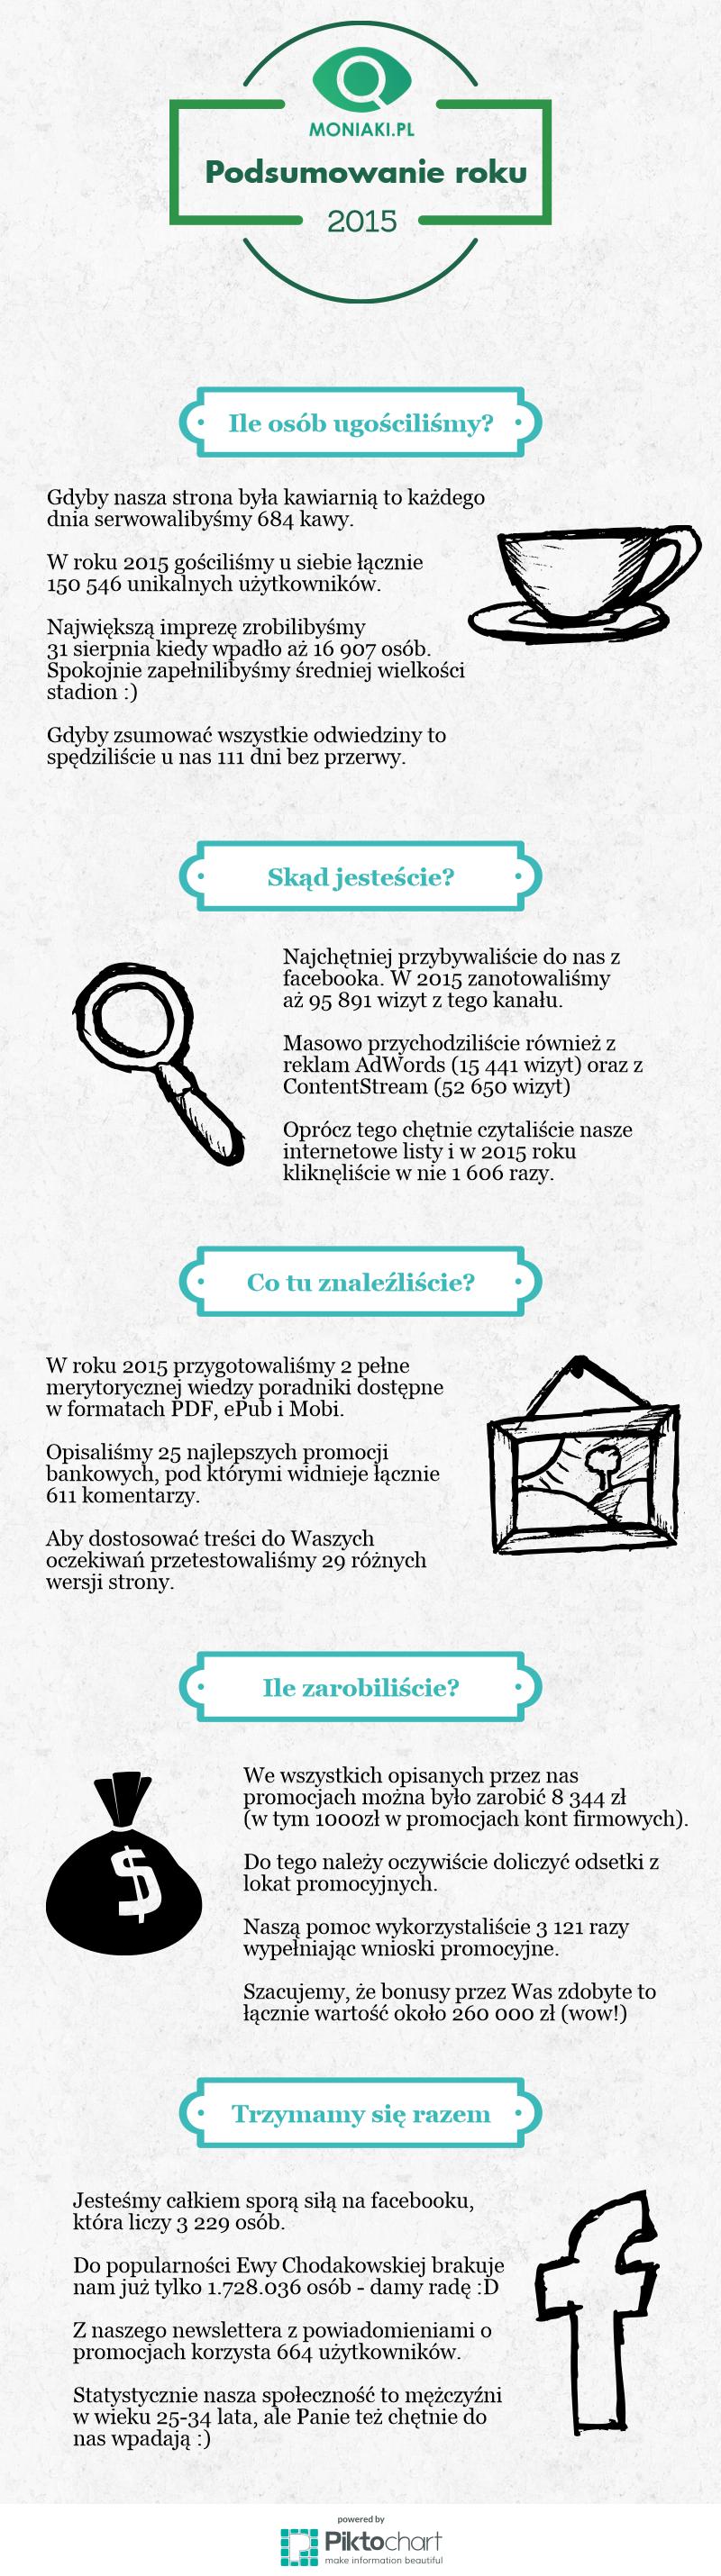 Moniaki.pl - Rok 2015 w liczbach